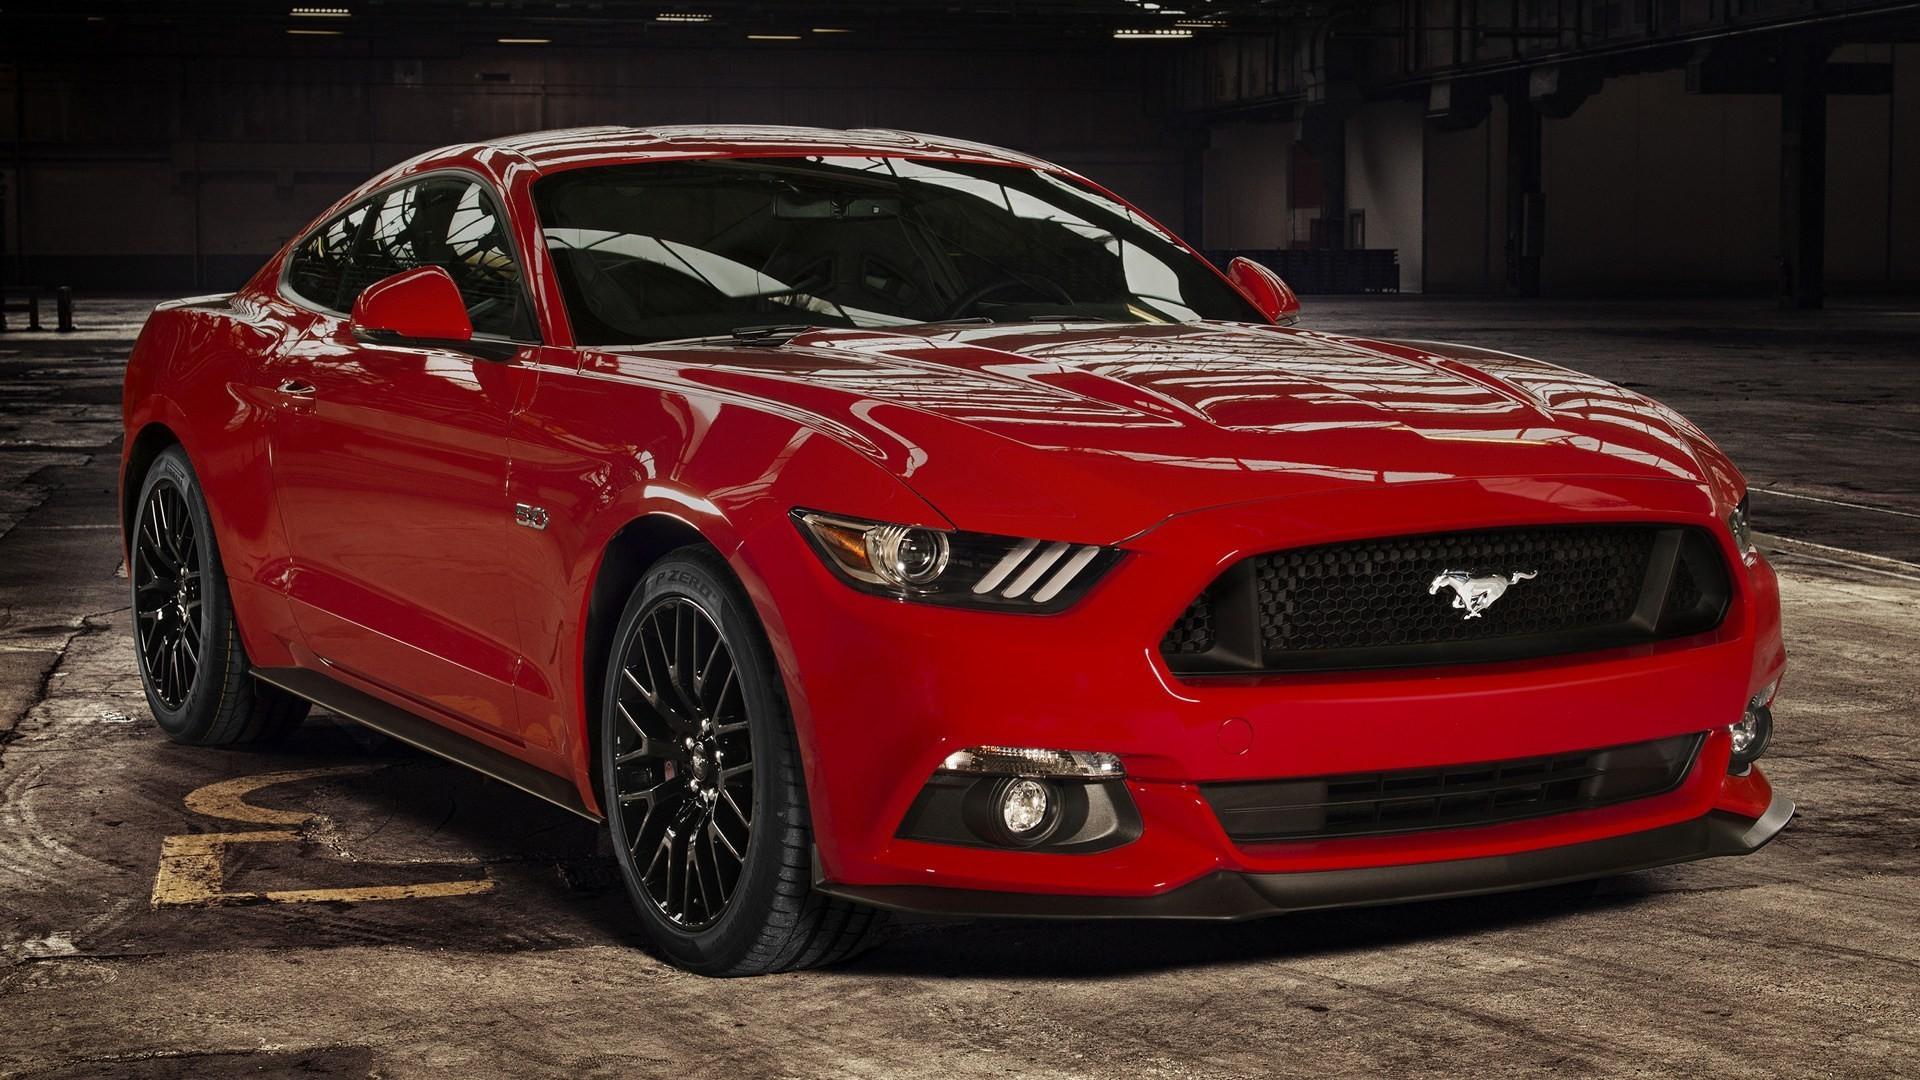 Mustang Gt Wallpapers For Desktop 79 Images